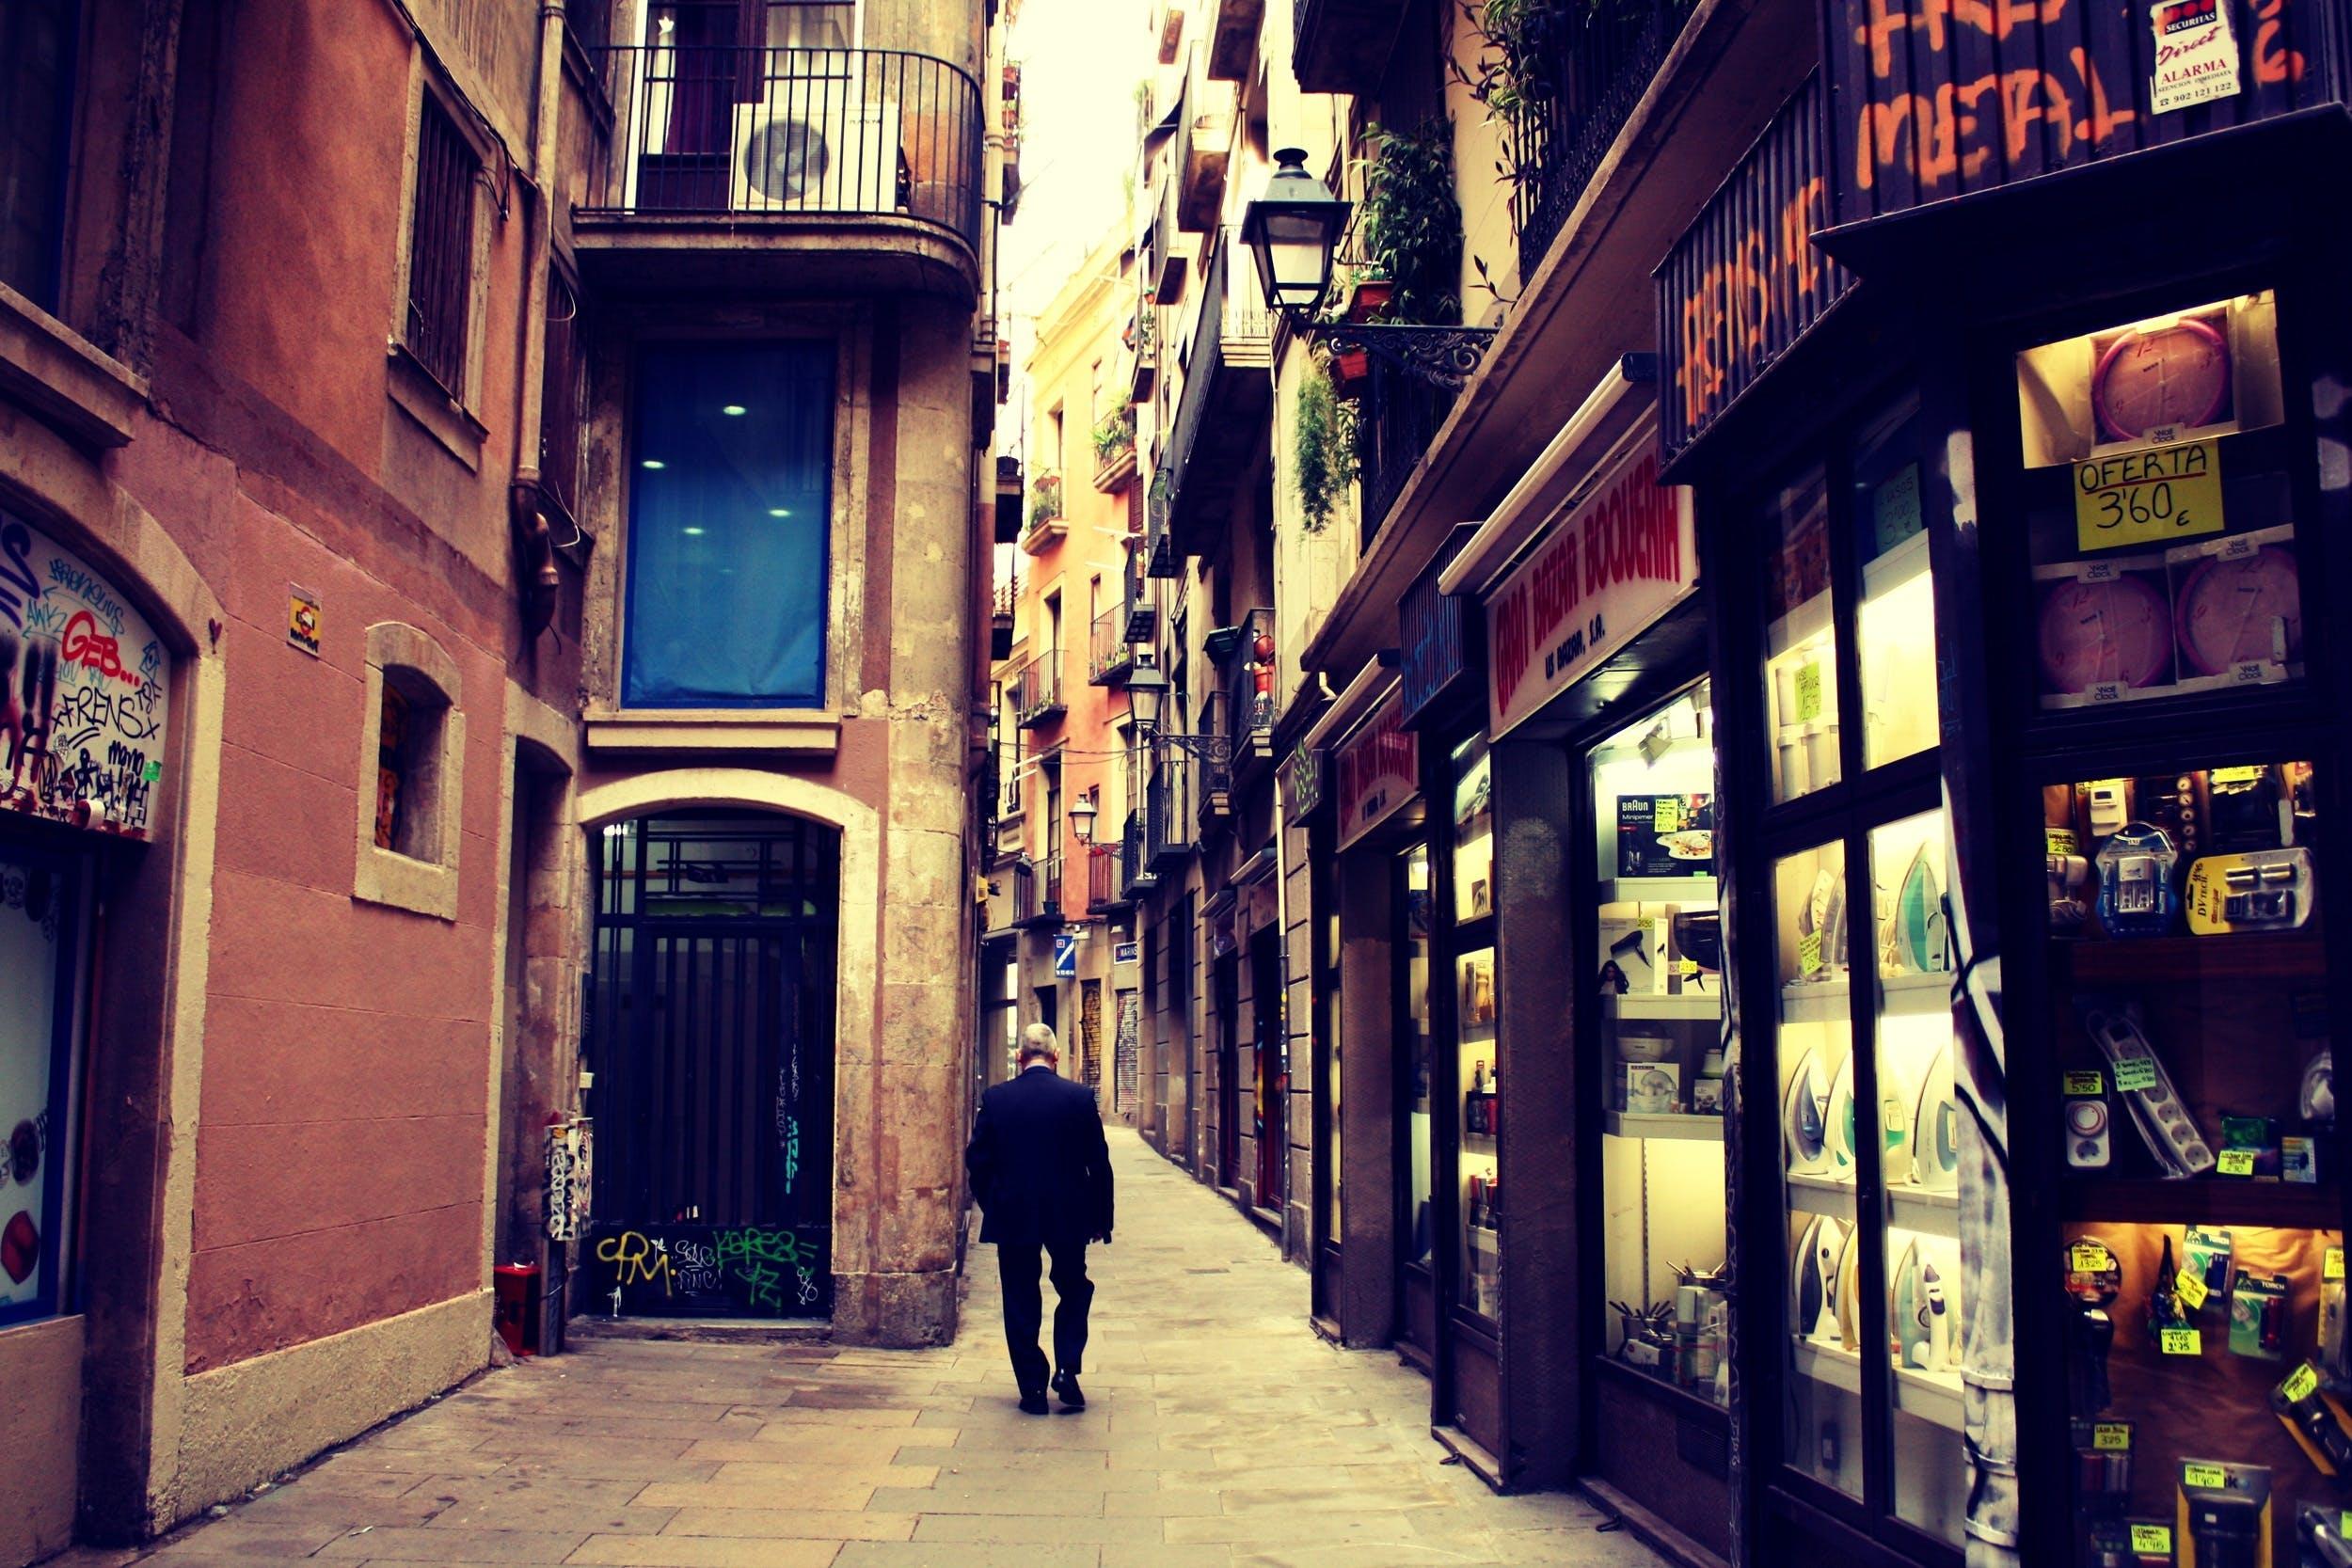 Man Walking Between Buildings